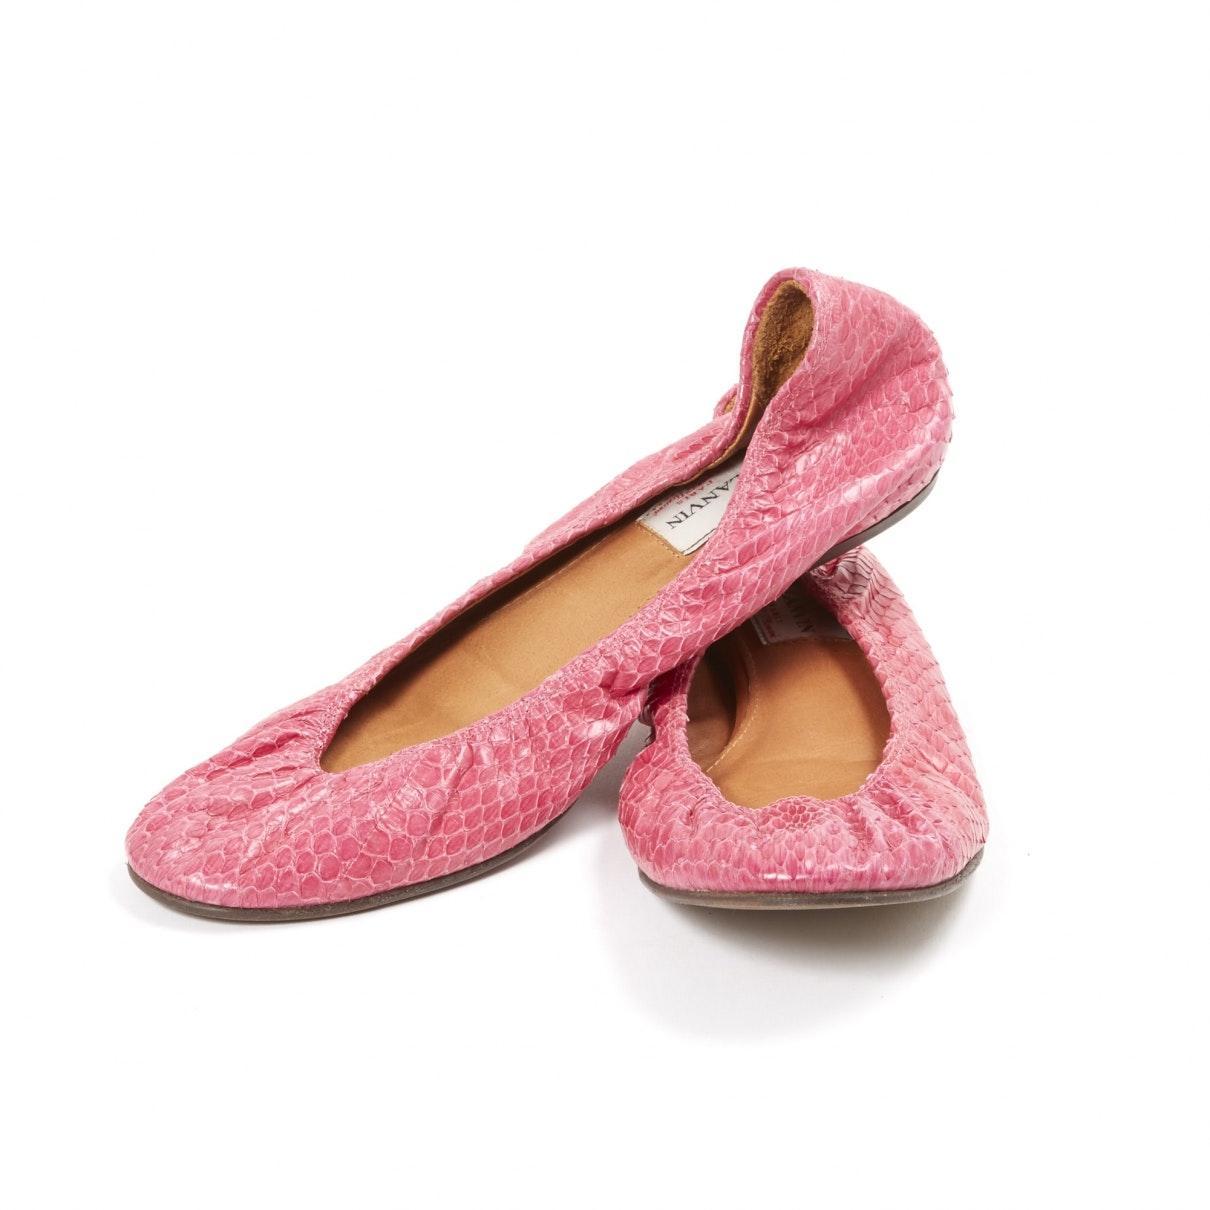 Bailarinas en cuero rosa Lanvin de Cuero de color Rosa